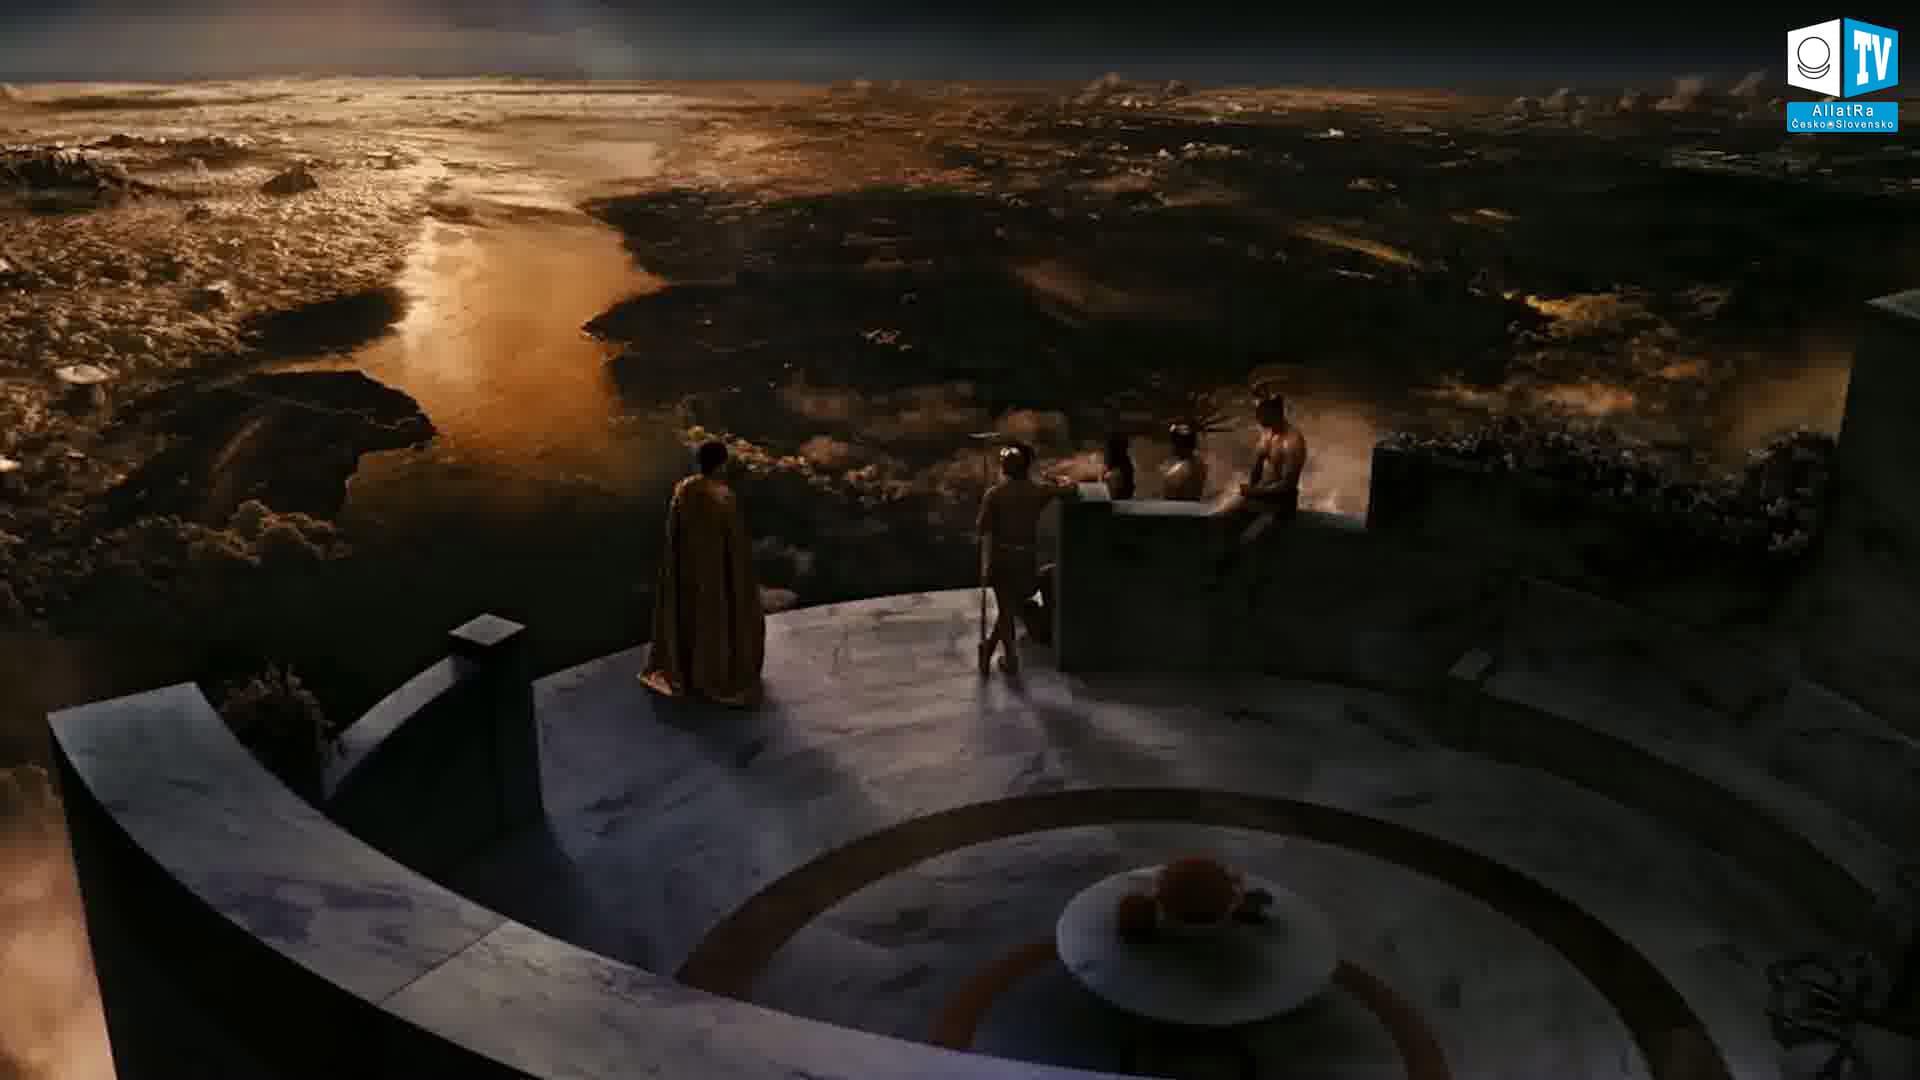 Nadvláda shromáždění bohů v Mezopotámii